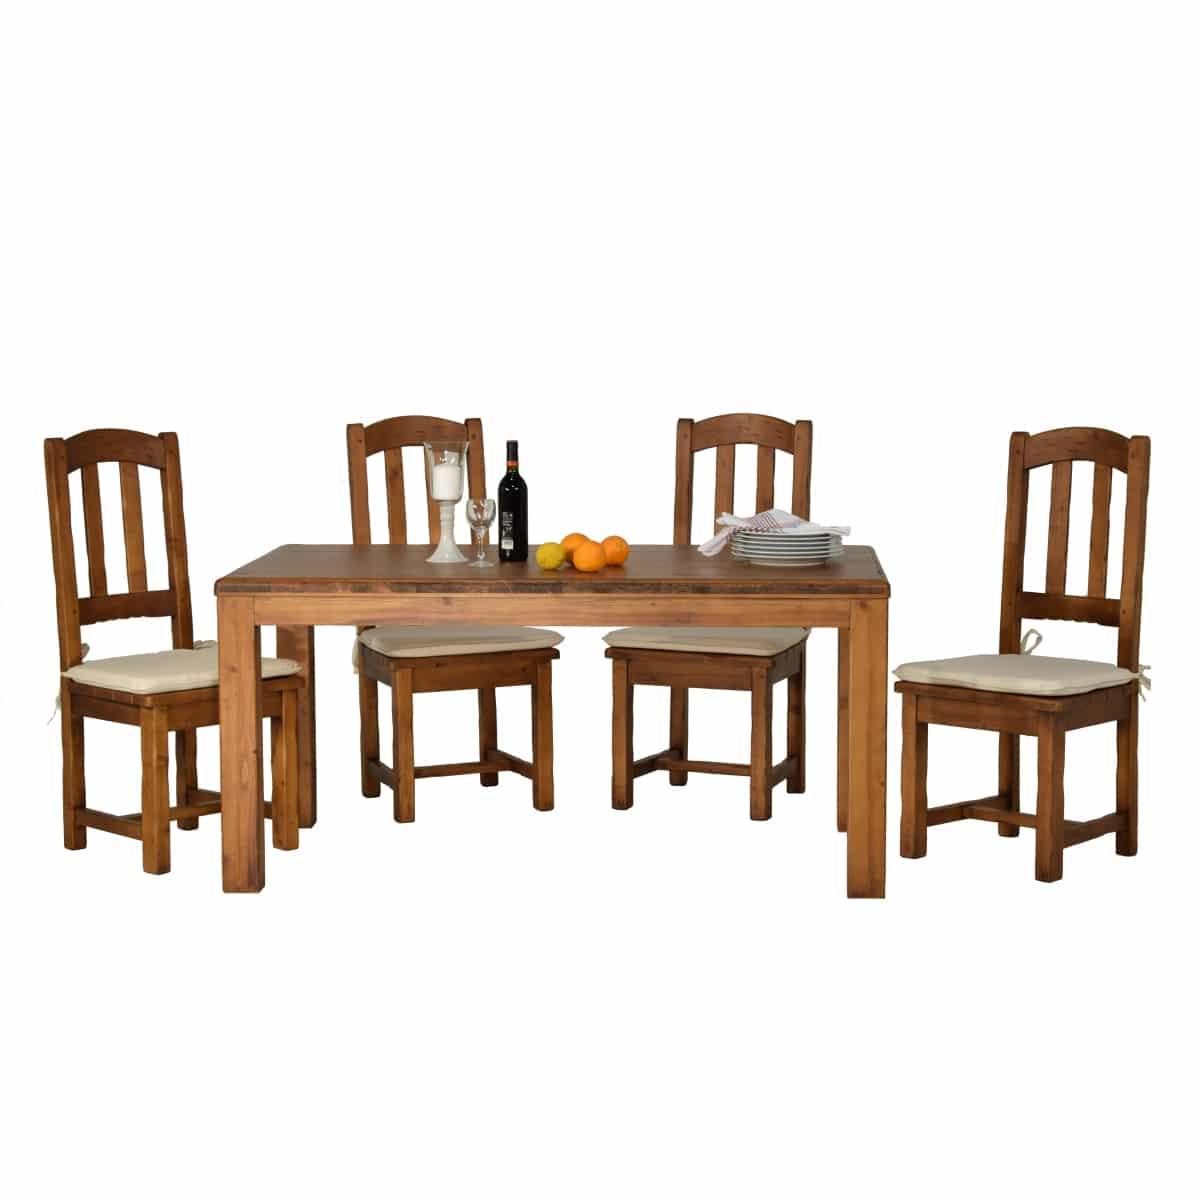 Medidas de una mesa de comedor great mesa comedor tinny - Medidas mesas de comedor ...